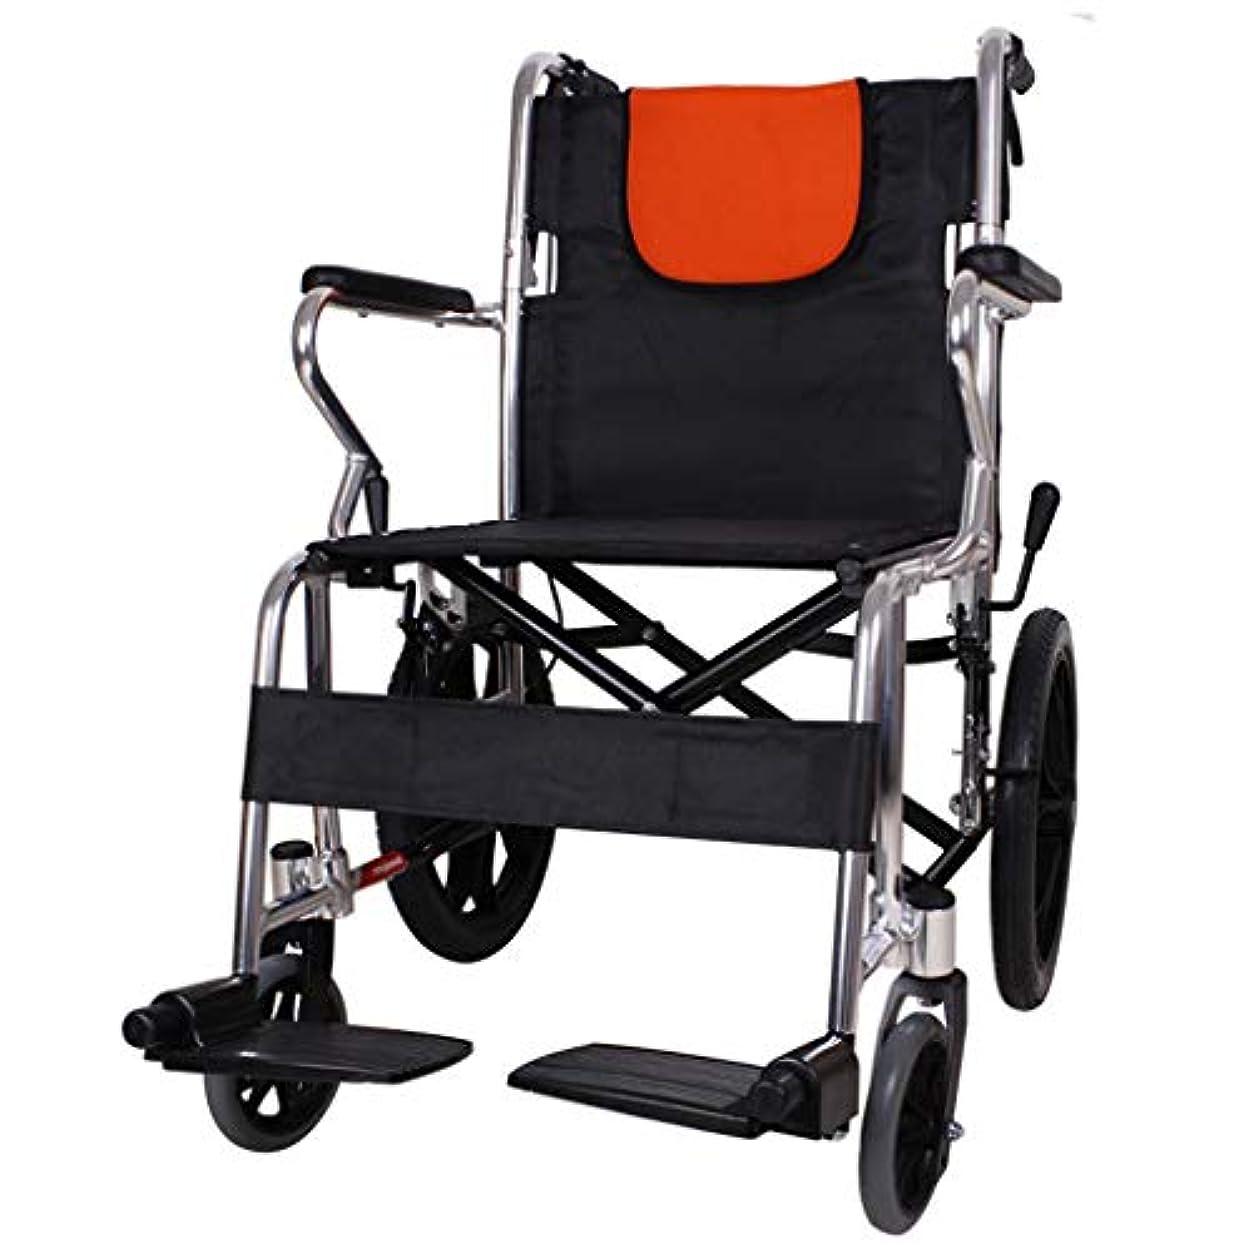 ペレット体系的に著者ハンドプッシュ車椅子、折りたたみ式、手動プッシュ式歩行装置、成人および障害者用アルミニウム旅行スクーターに適しています